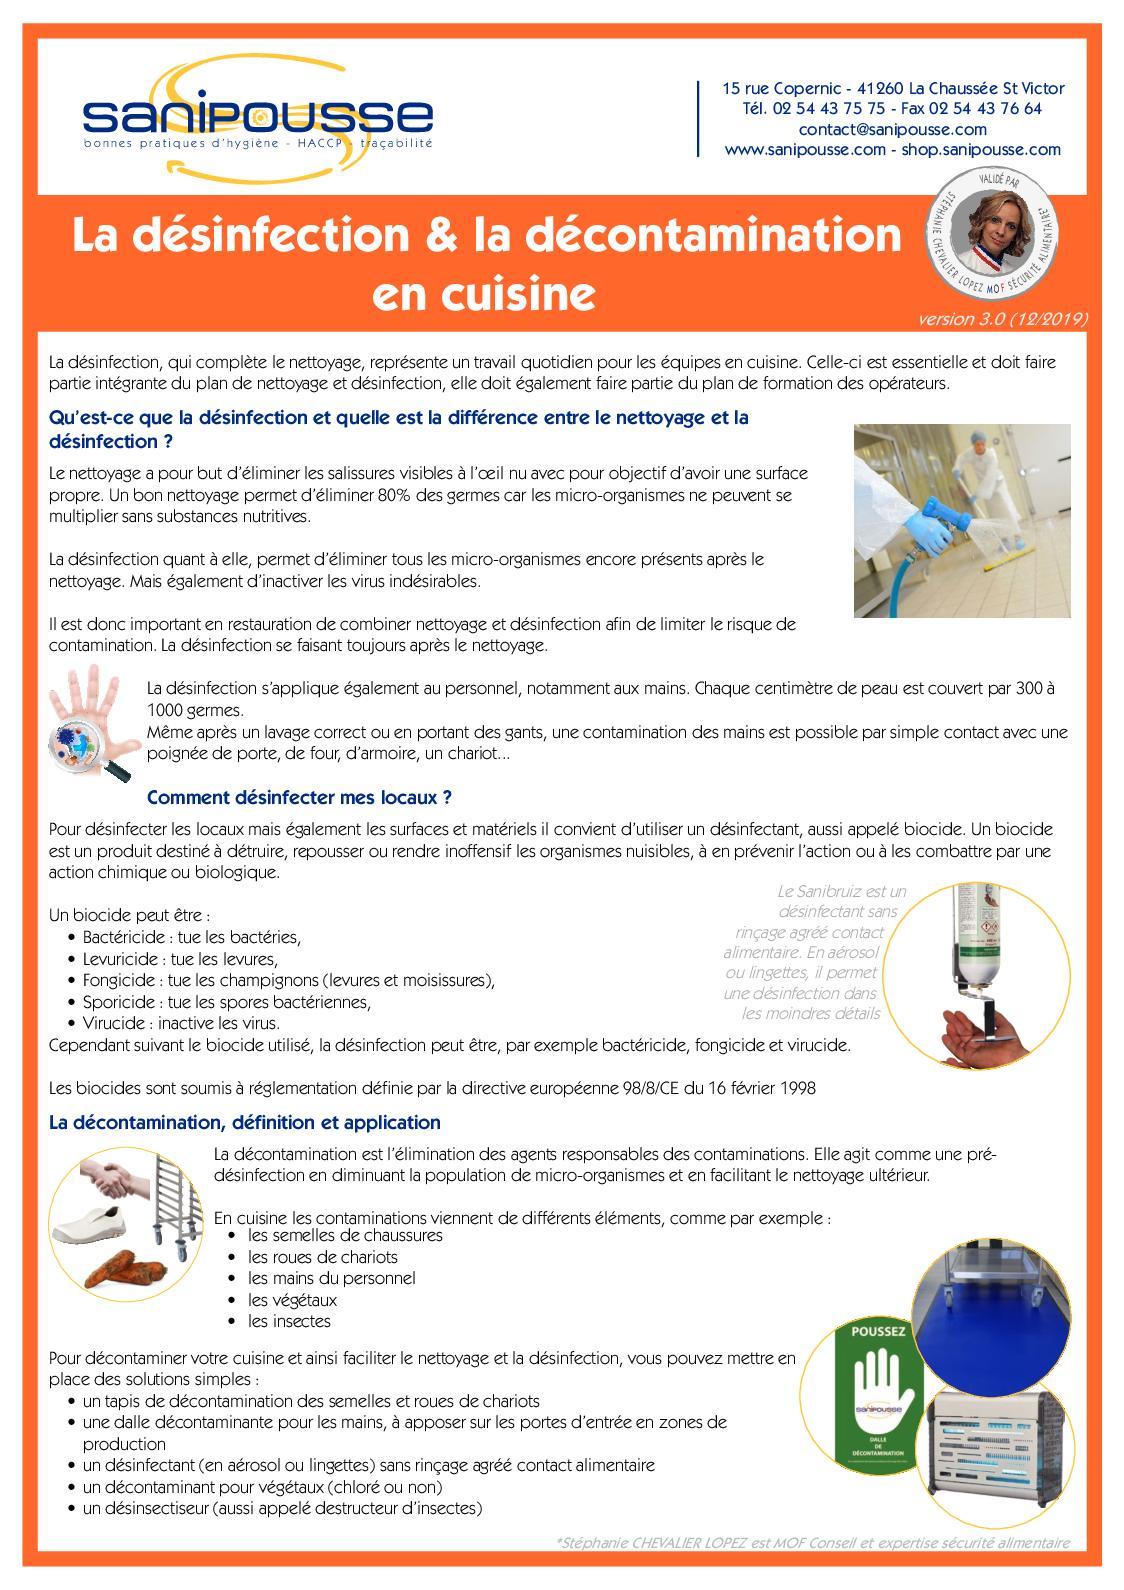 Calameo Dossier Desinfection Et Decontamination Sanipousse